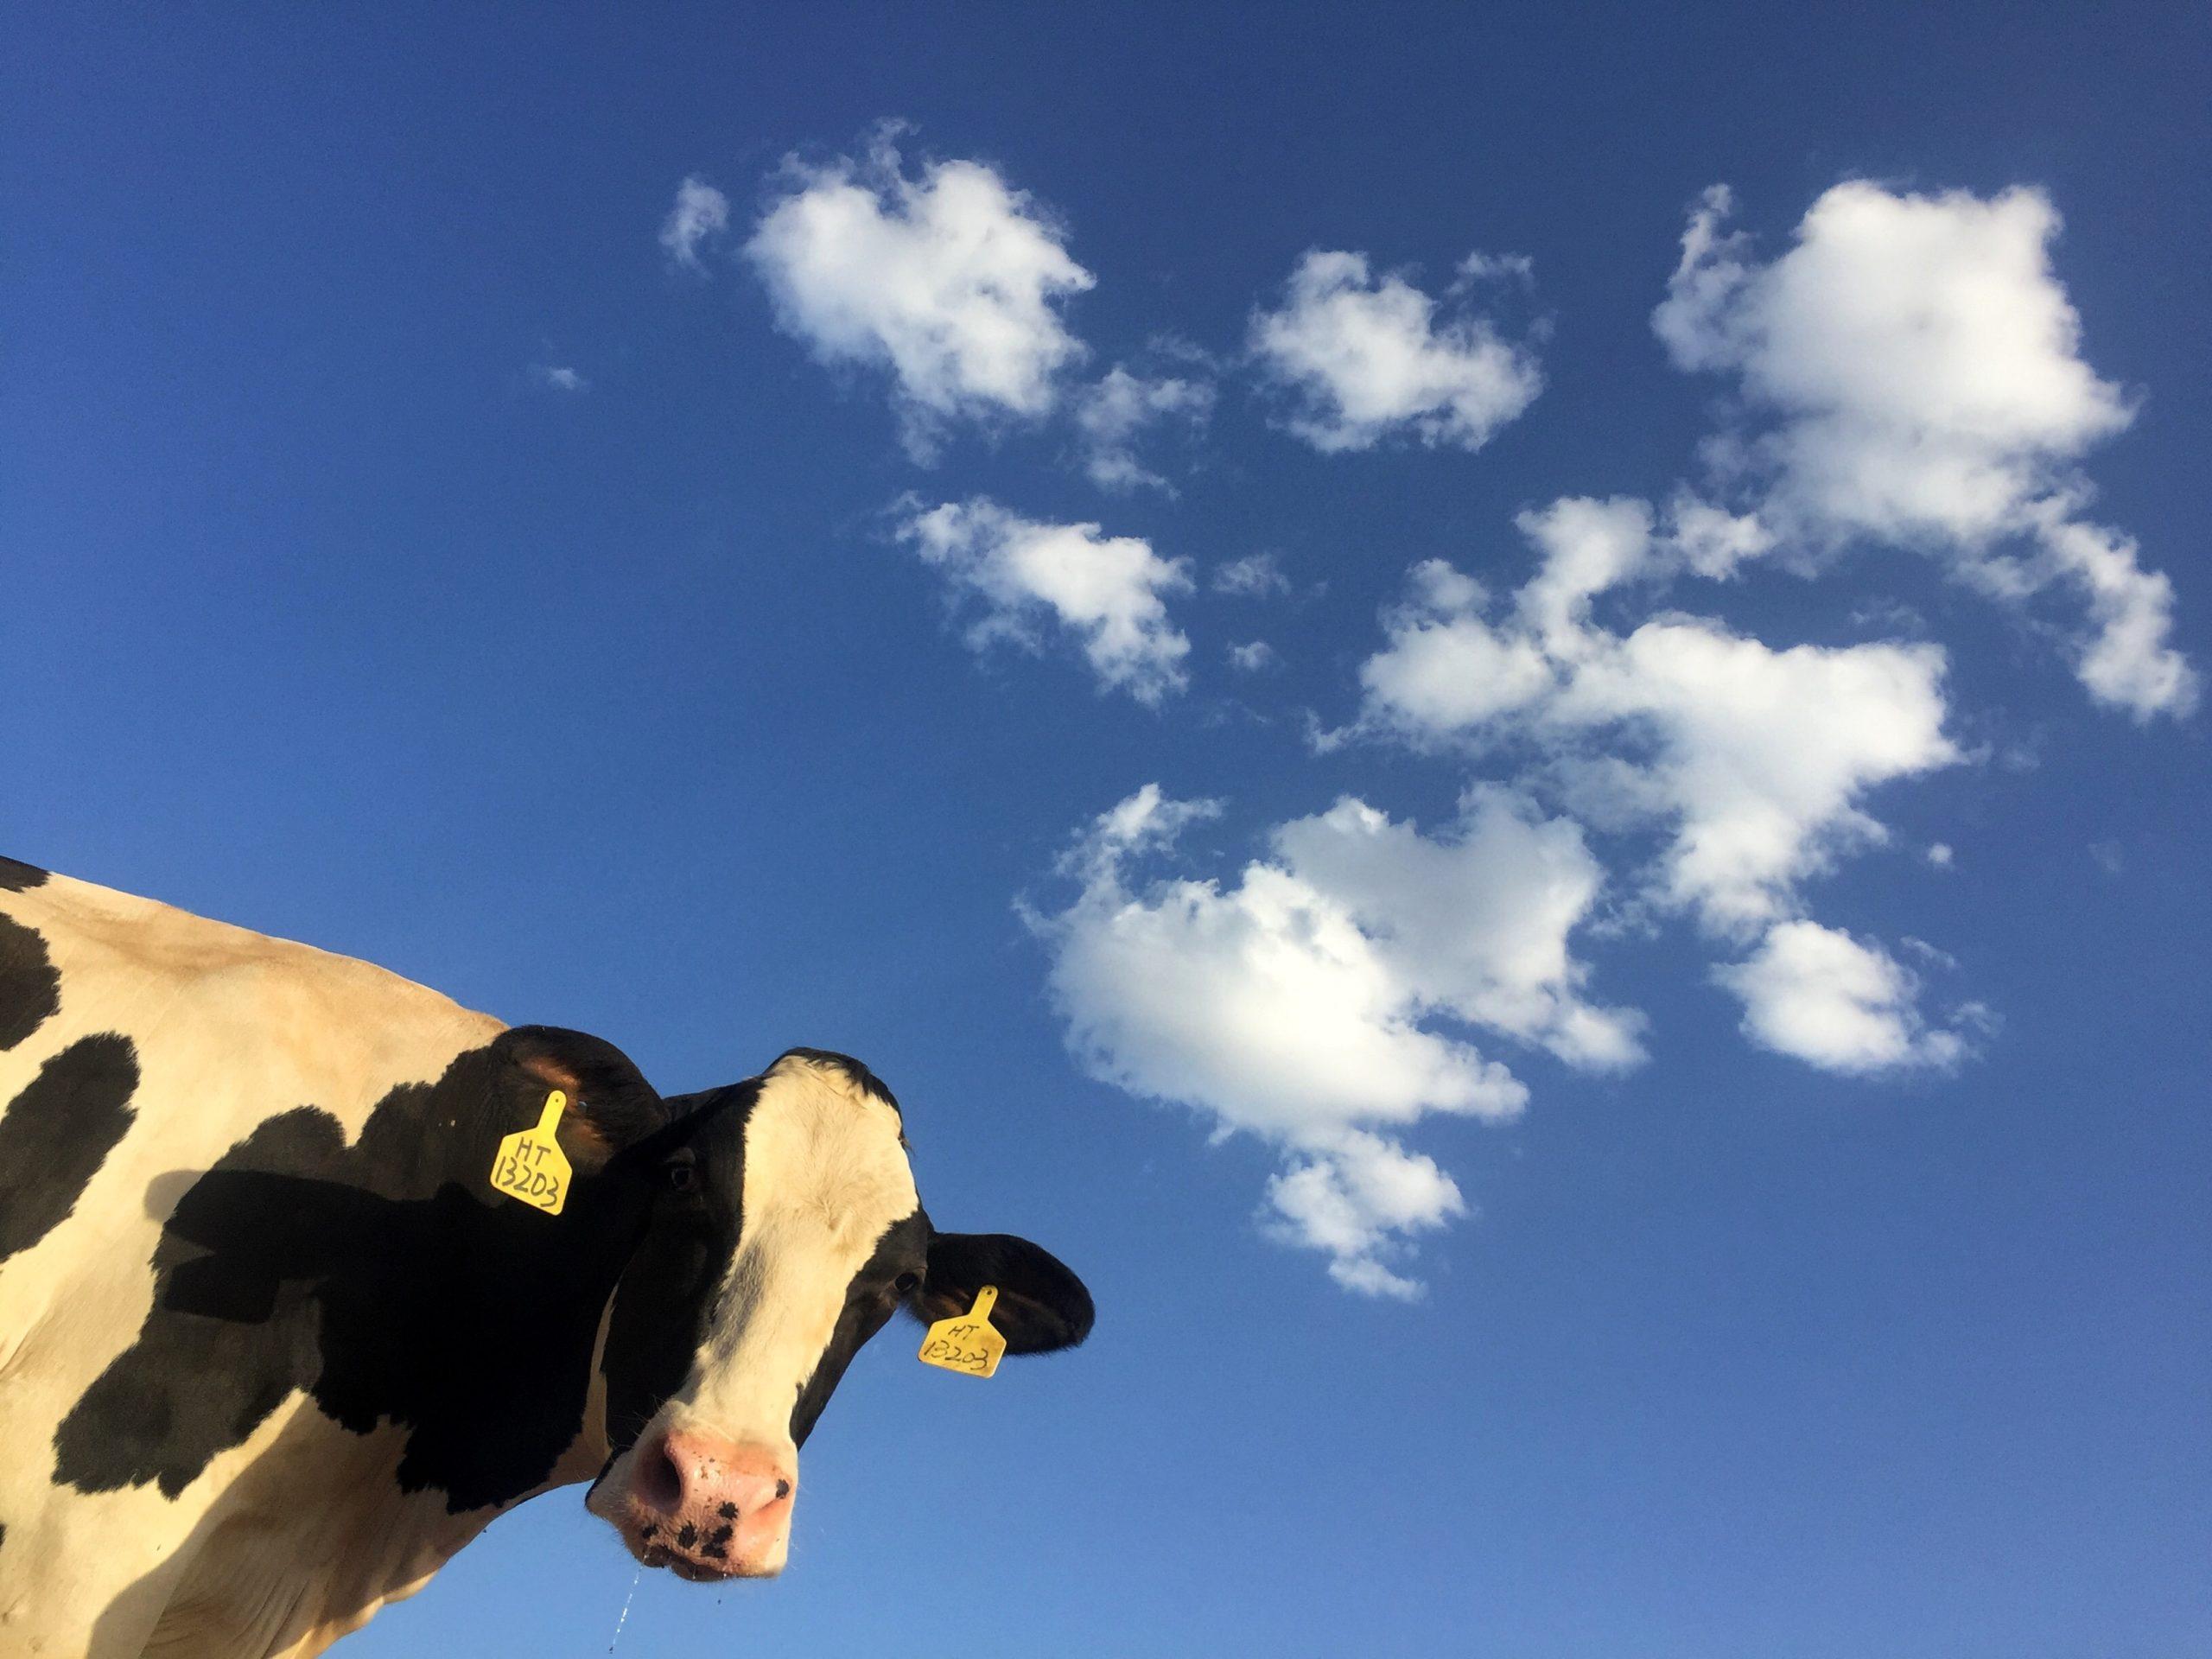 ¡Burp! Este dispositivo reduce el efecto contaminante de los eructos las vacas